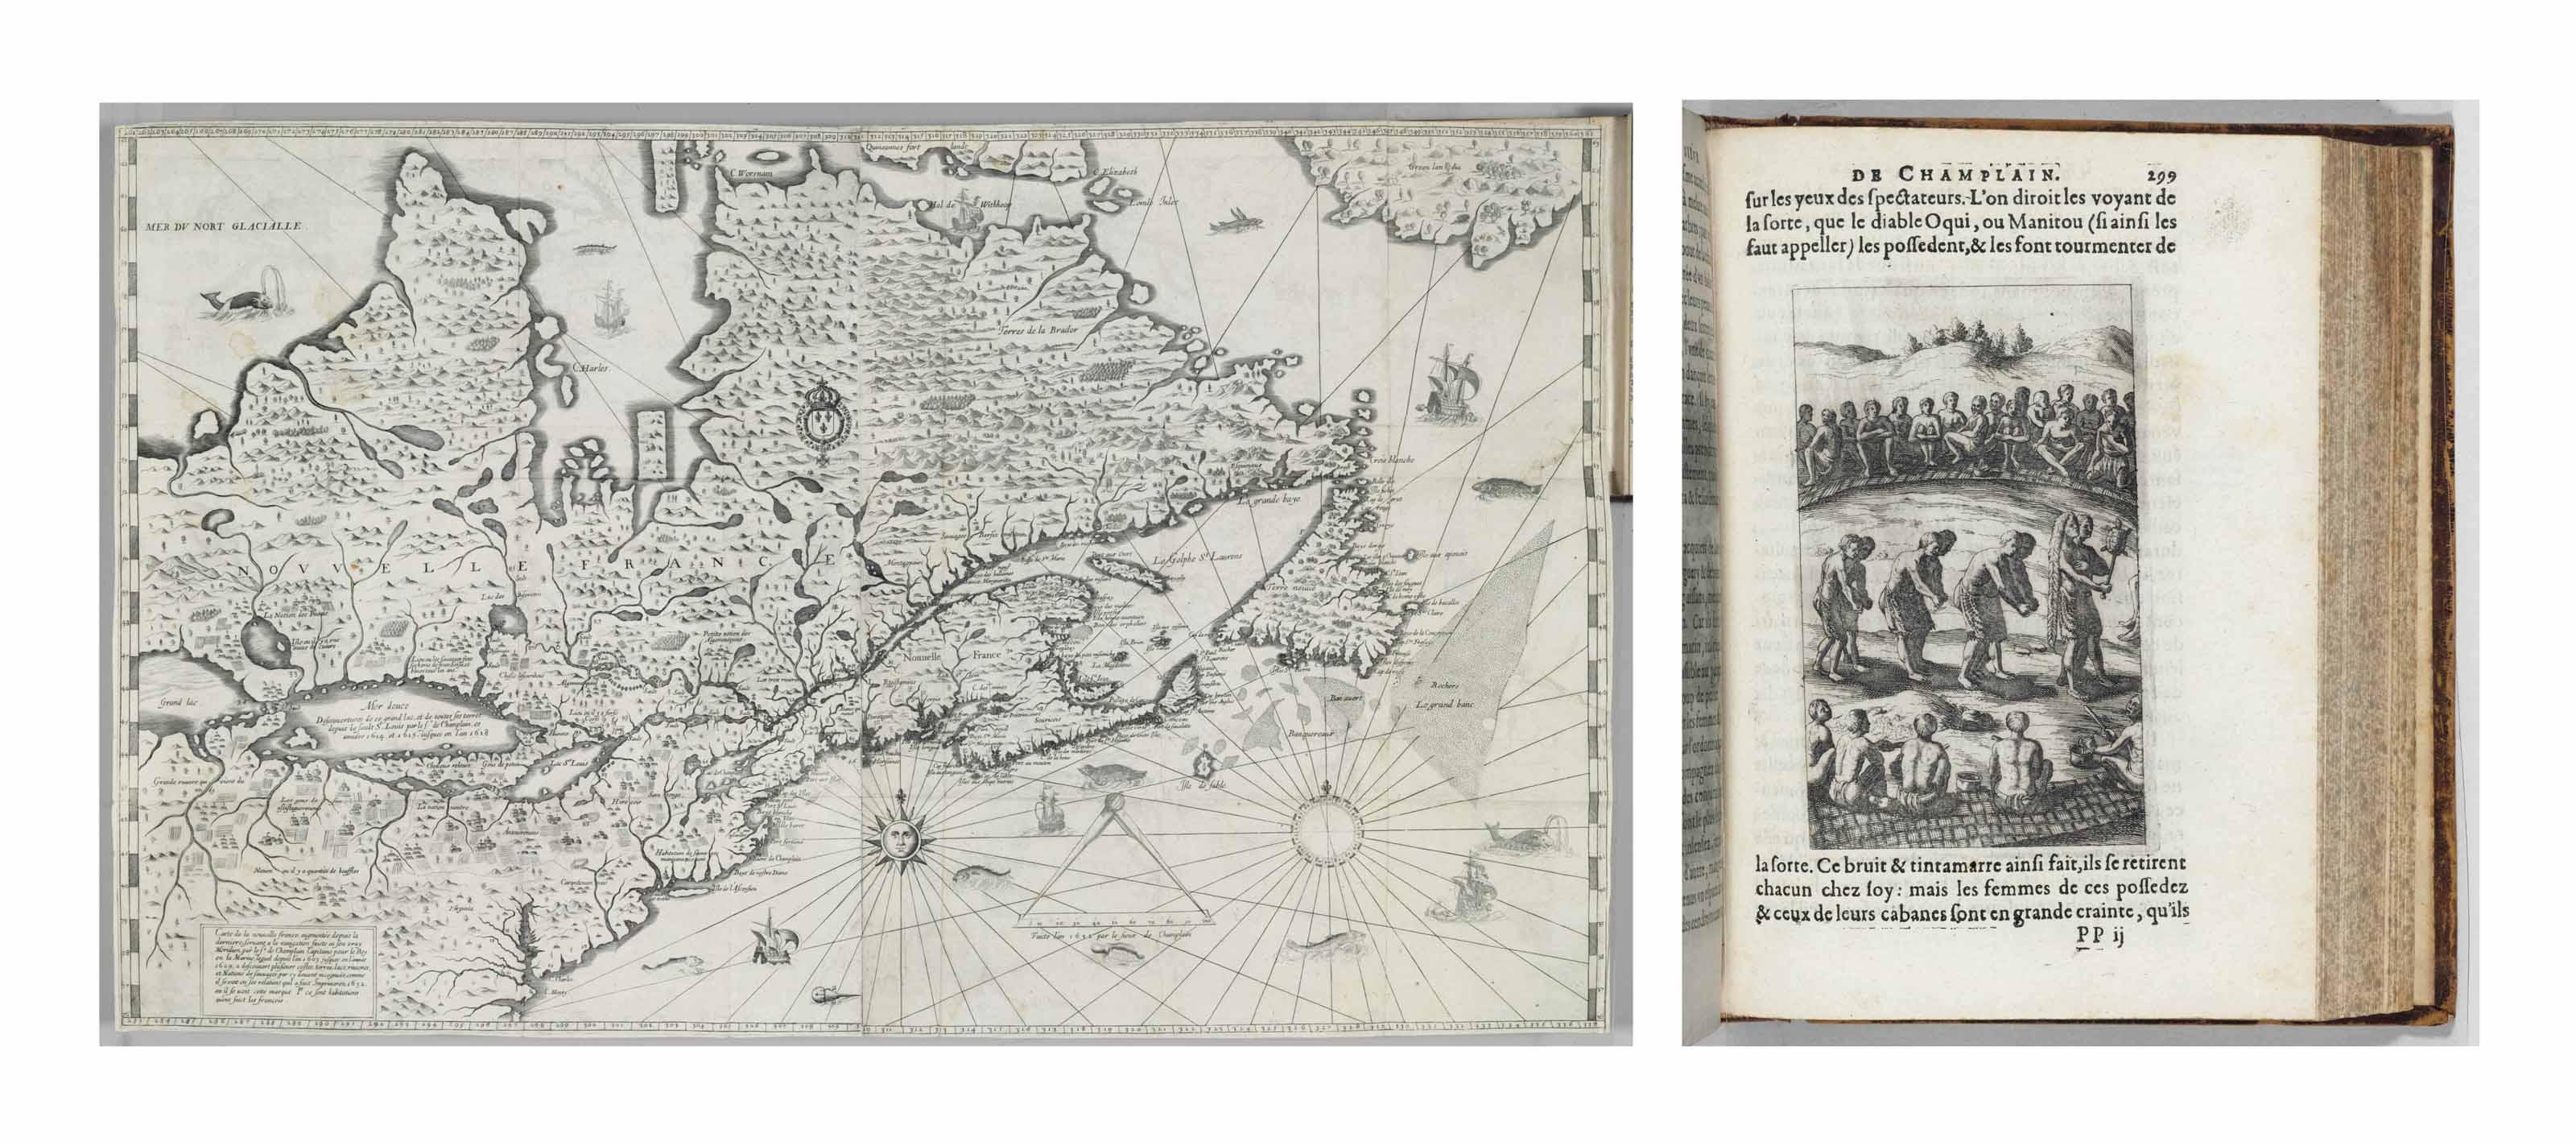 CHAMPLAIN, Samuel de. Les Voyages de la Nouvelle France occidentale, dicte Canada faits par le Sr Champlain Xainctongeois, Capitaine pour le Roy en la Marine du Ponant, & toutes les Descouvertes qu'il a faites en ce paos depuis l'an 1603. Iusques en l'an 1629. Paris: Pierre le Mur, 1632.